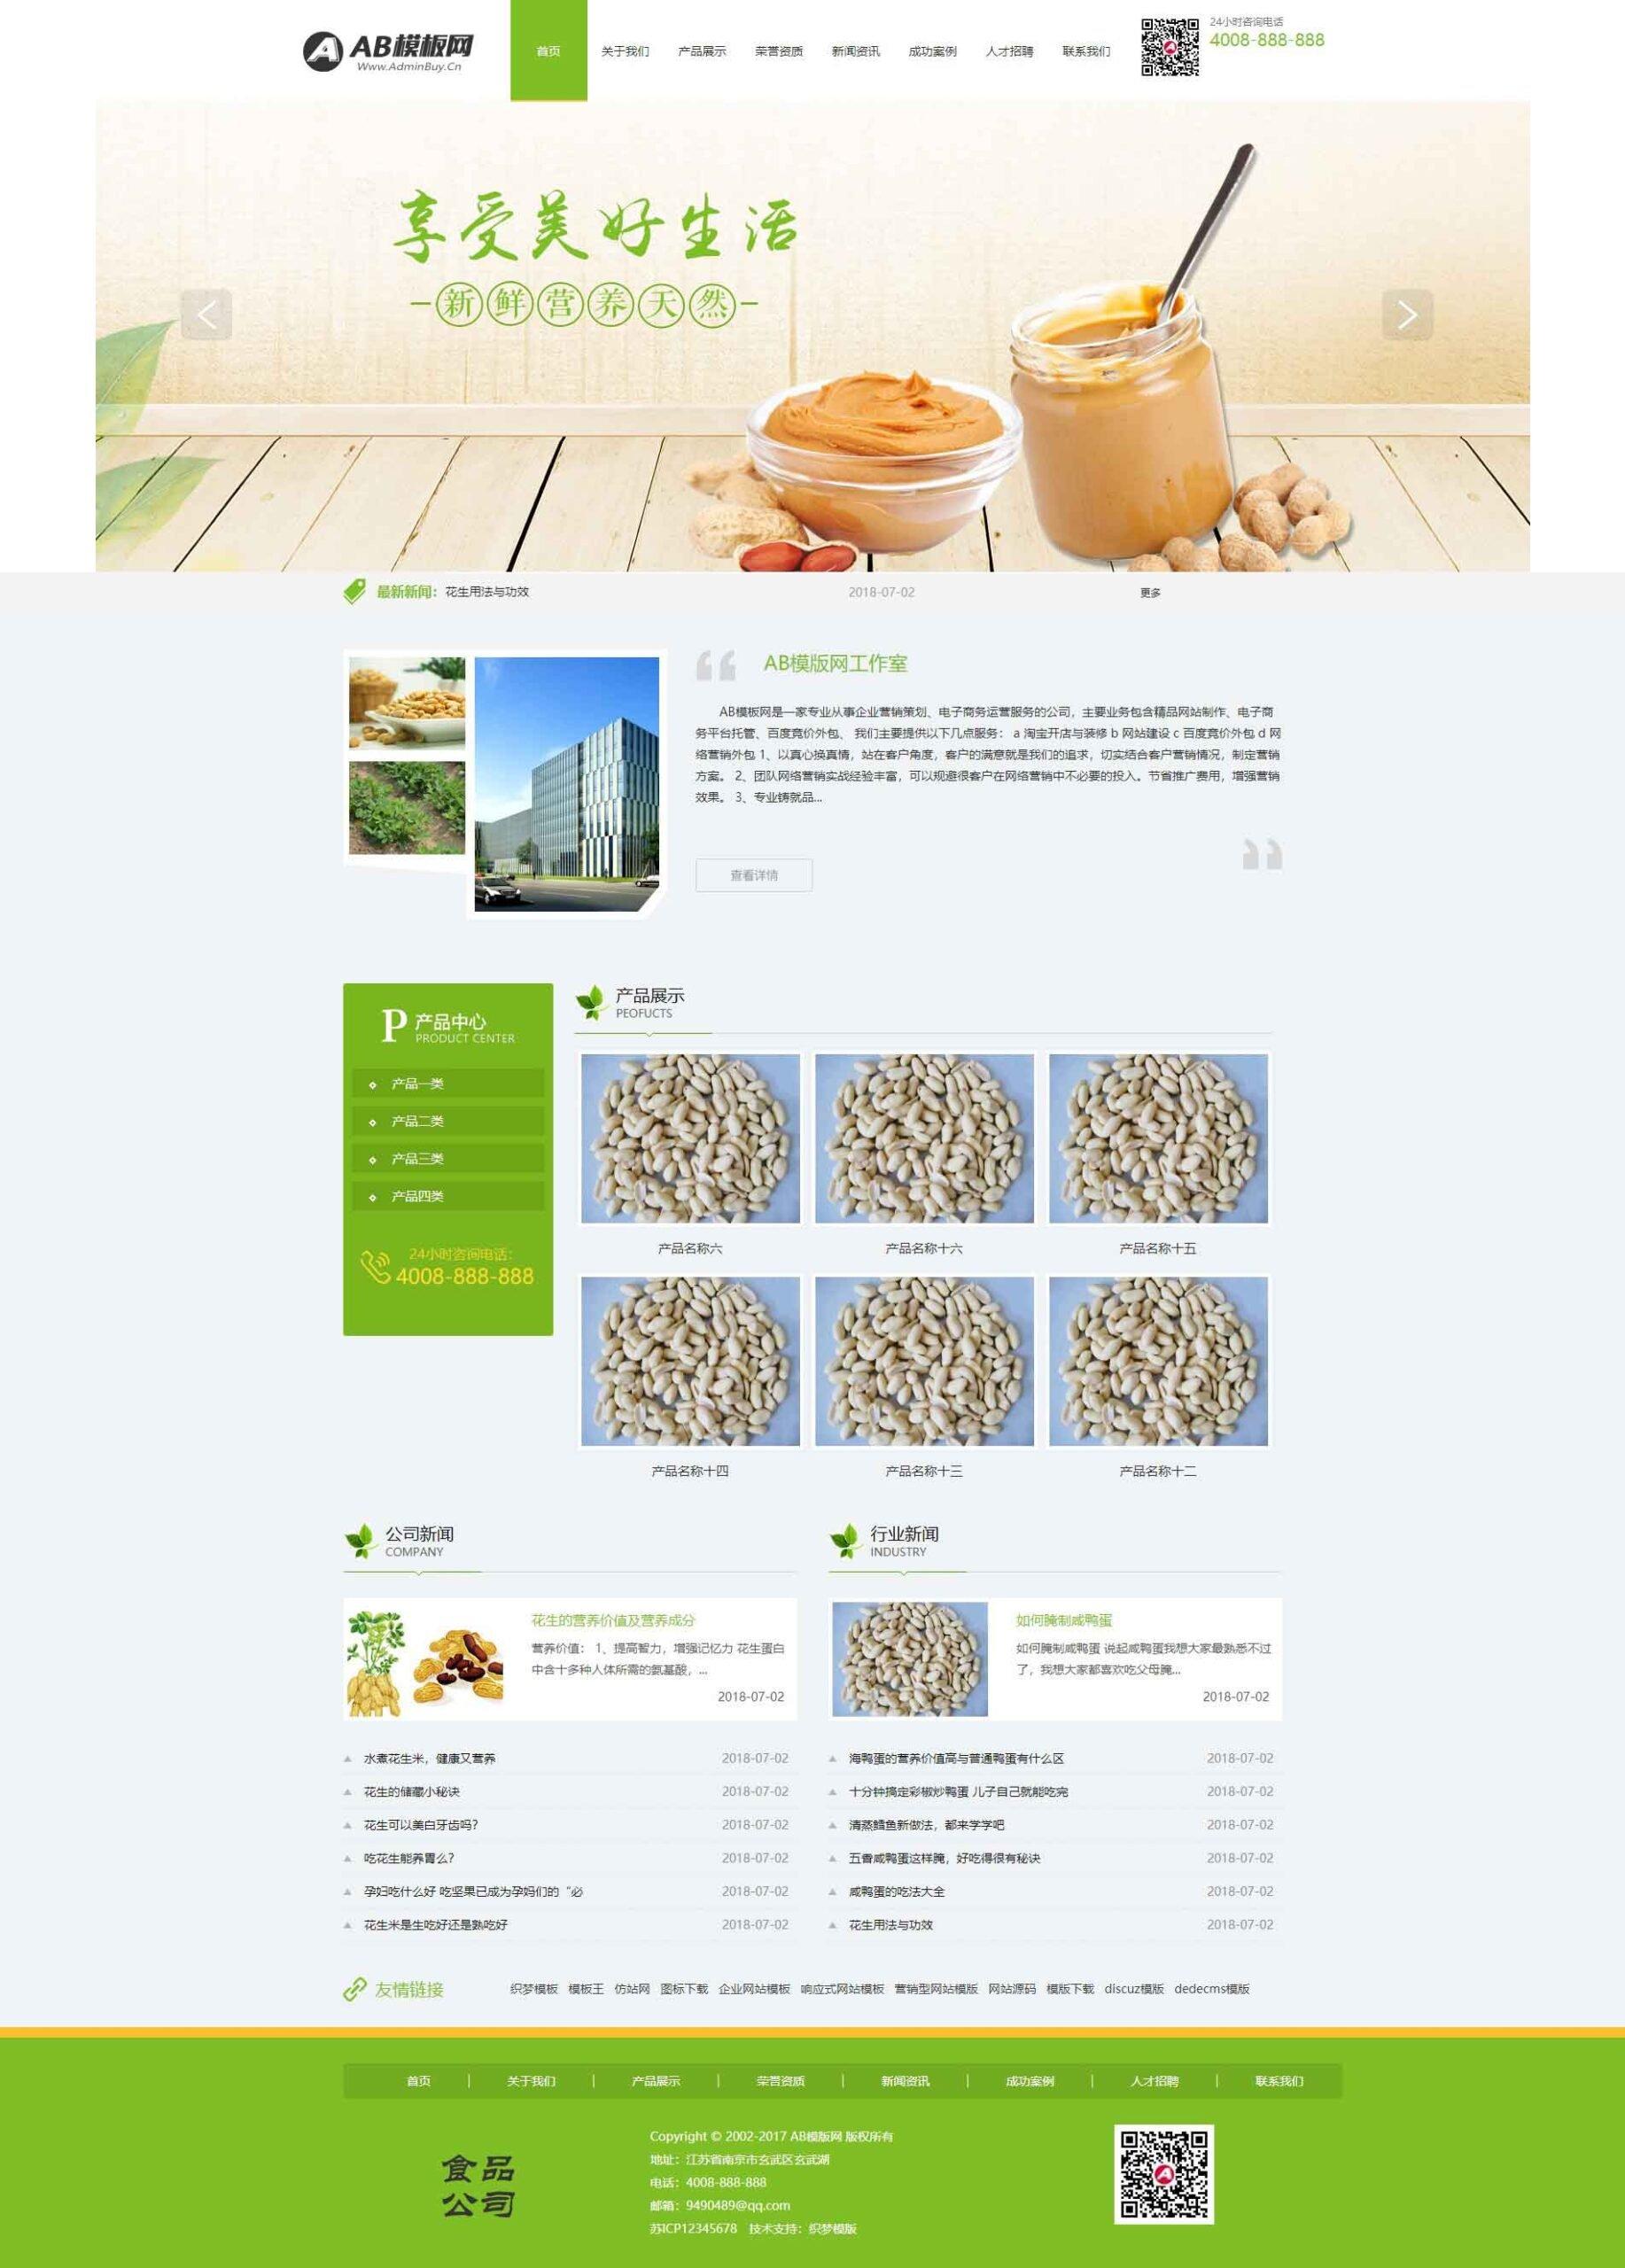 绿色食品加工企业网站织梦dede模板源码[带手机版数据同步]